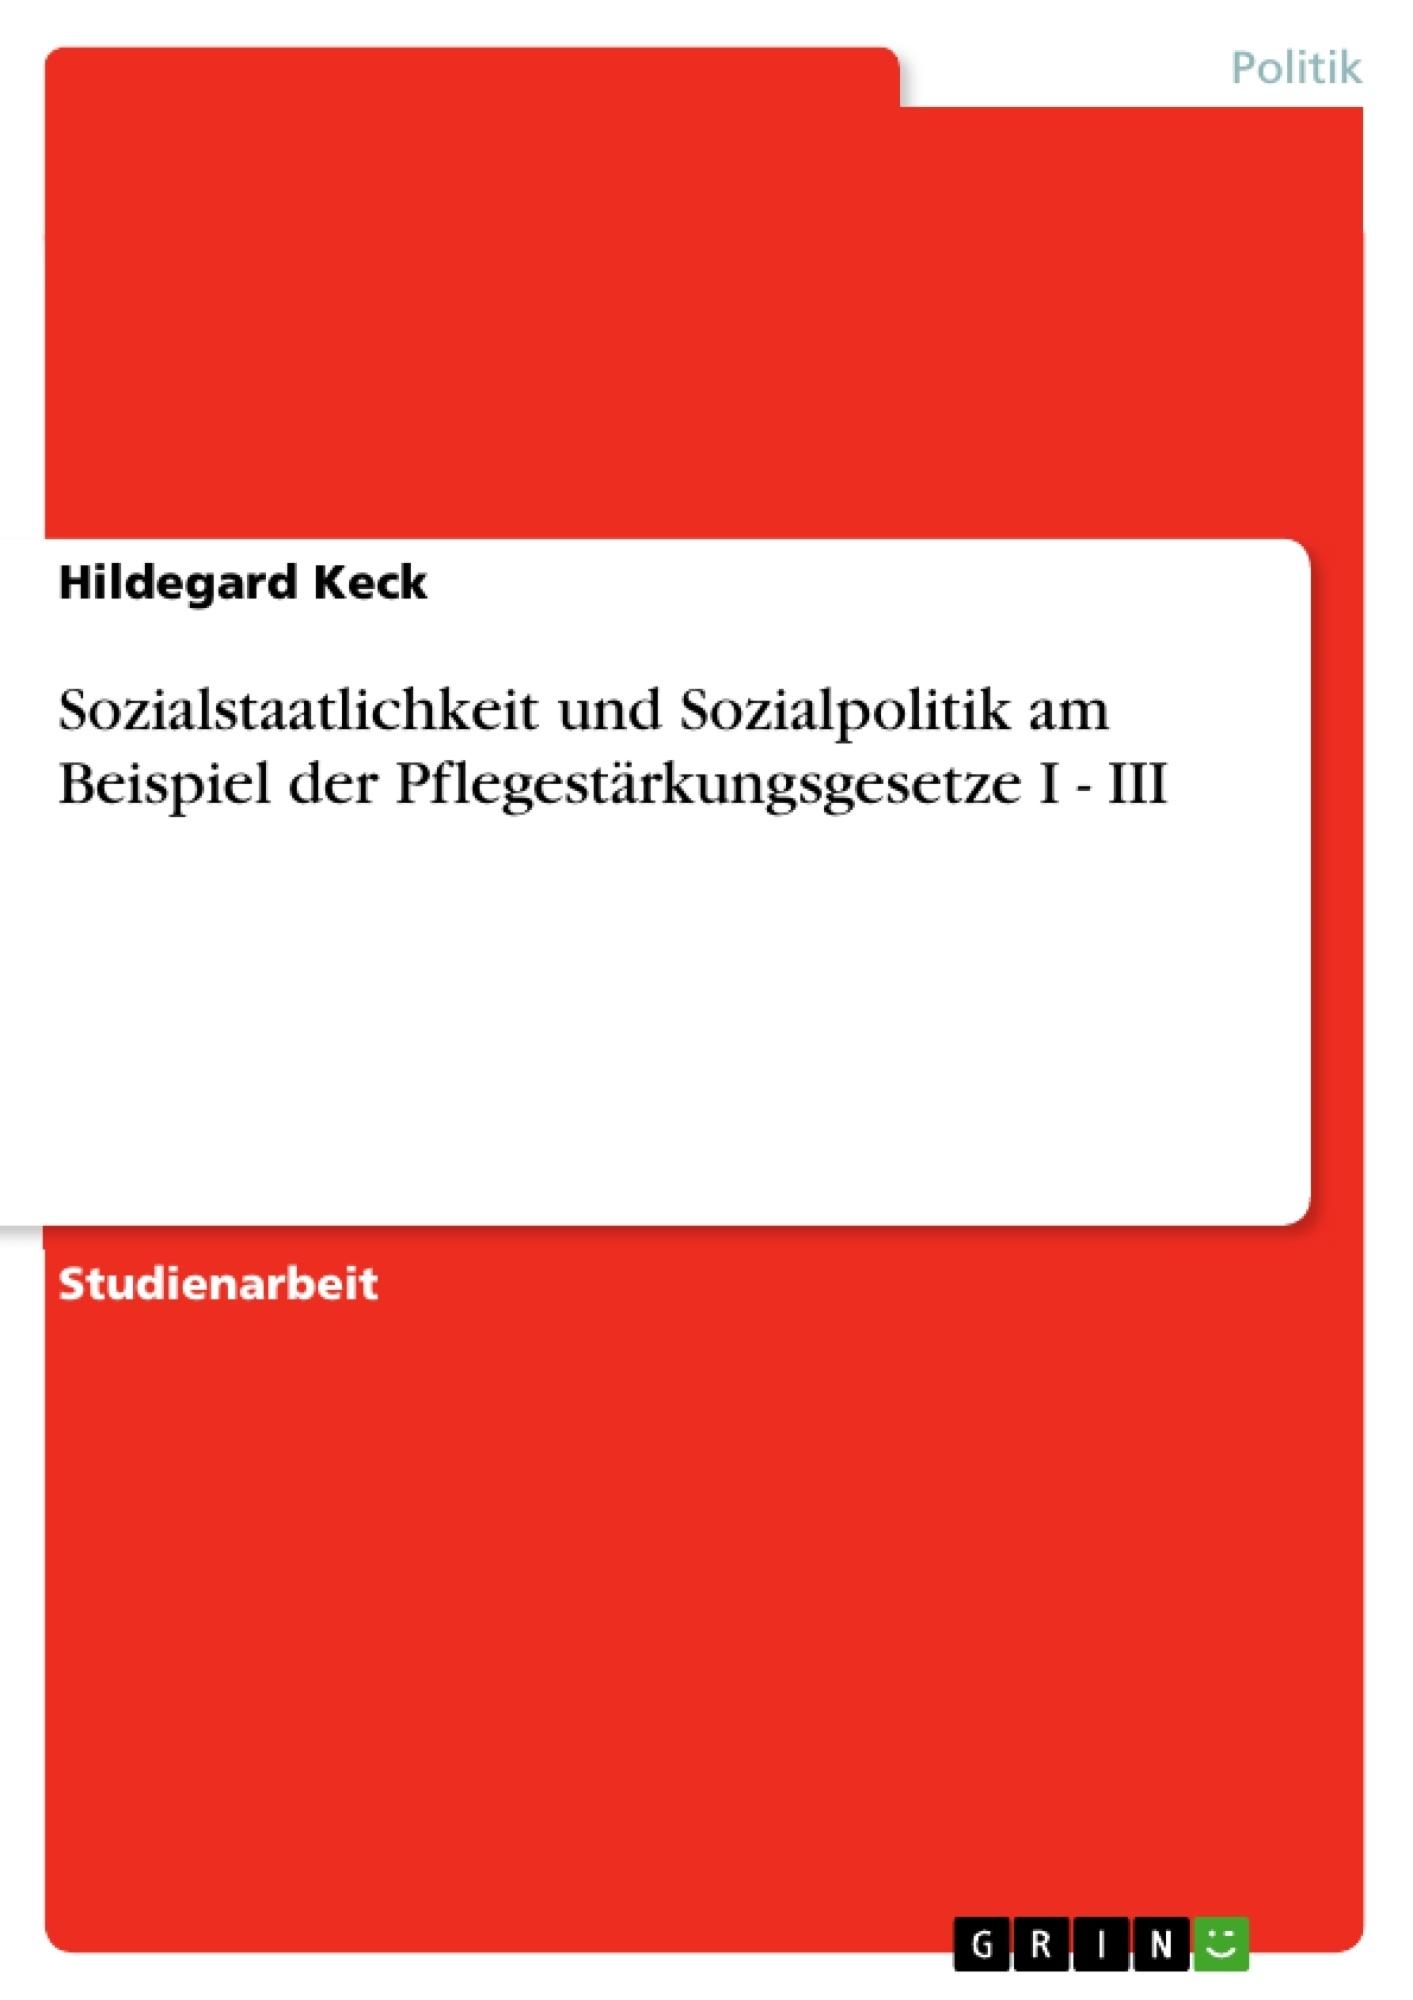 Titel: Sozialstaatlichkeit und Sozialpolitik am Beispiel der Pflegestärkungsgesetze I - III